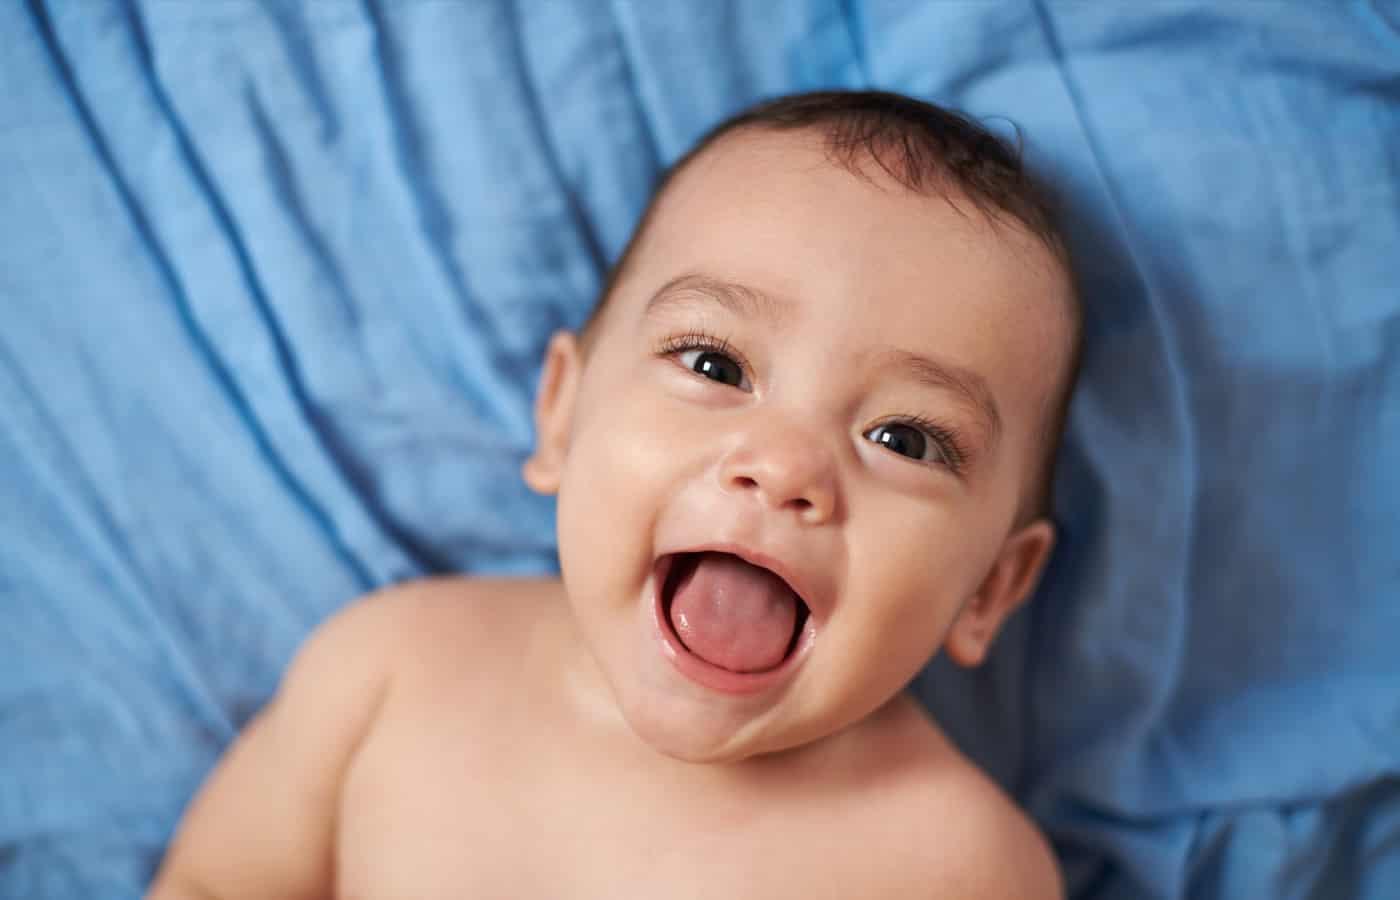 Bồ Đào Nha cấp thẳng Quyền Công Dân cho trẻ em sinh ra ở Bồ